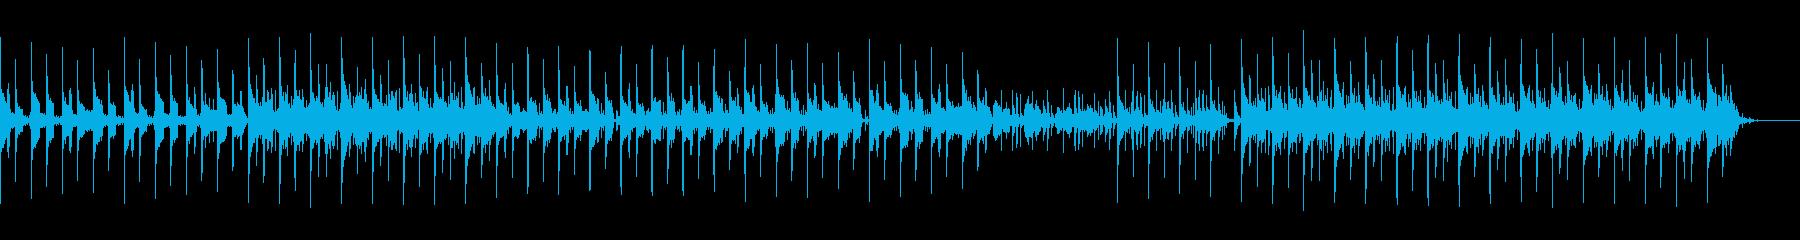 80年代ニューウェーブ風BGMの再生済みの波形